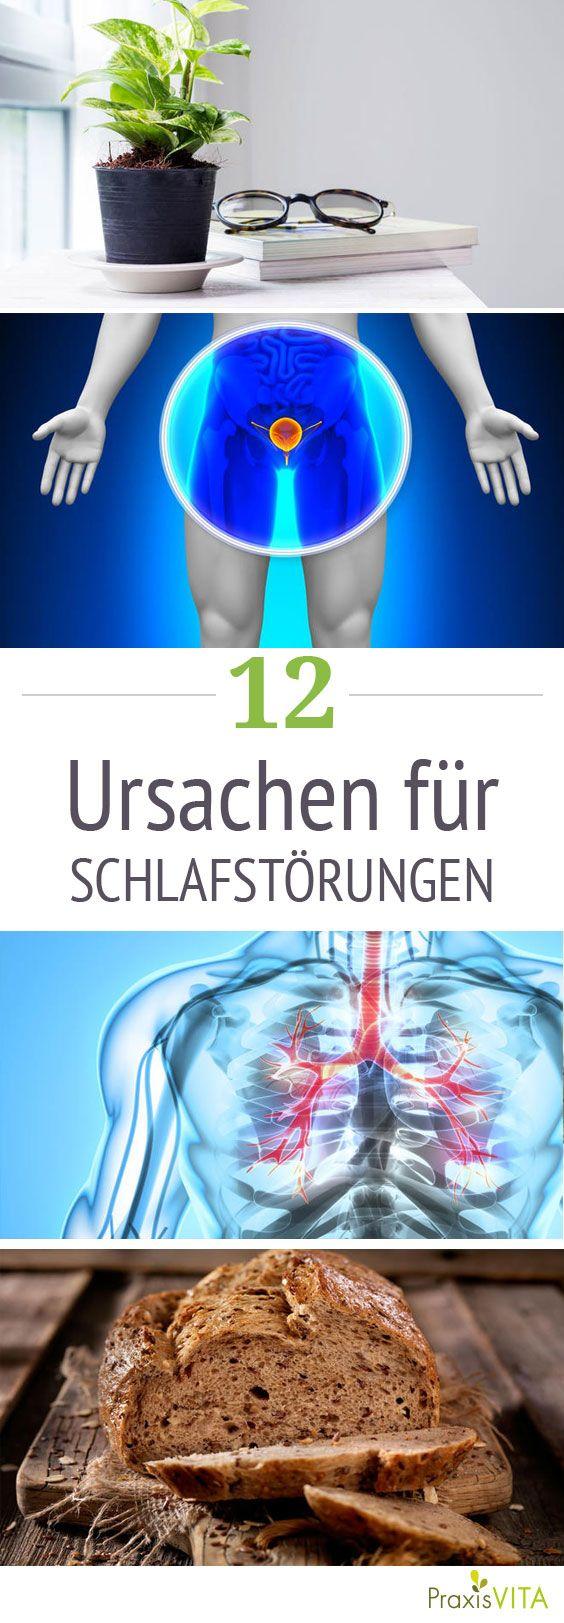 34 besten Nagelpilz Bilder auf Pinterest | Medizin, Nagelpilz und ...